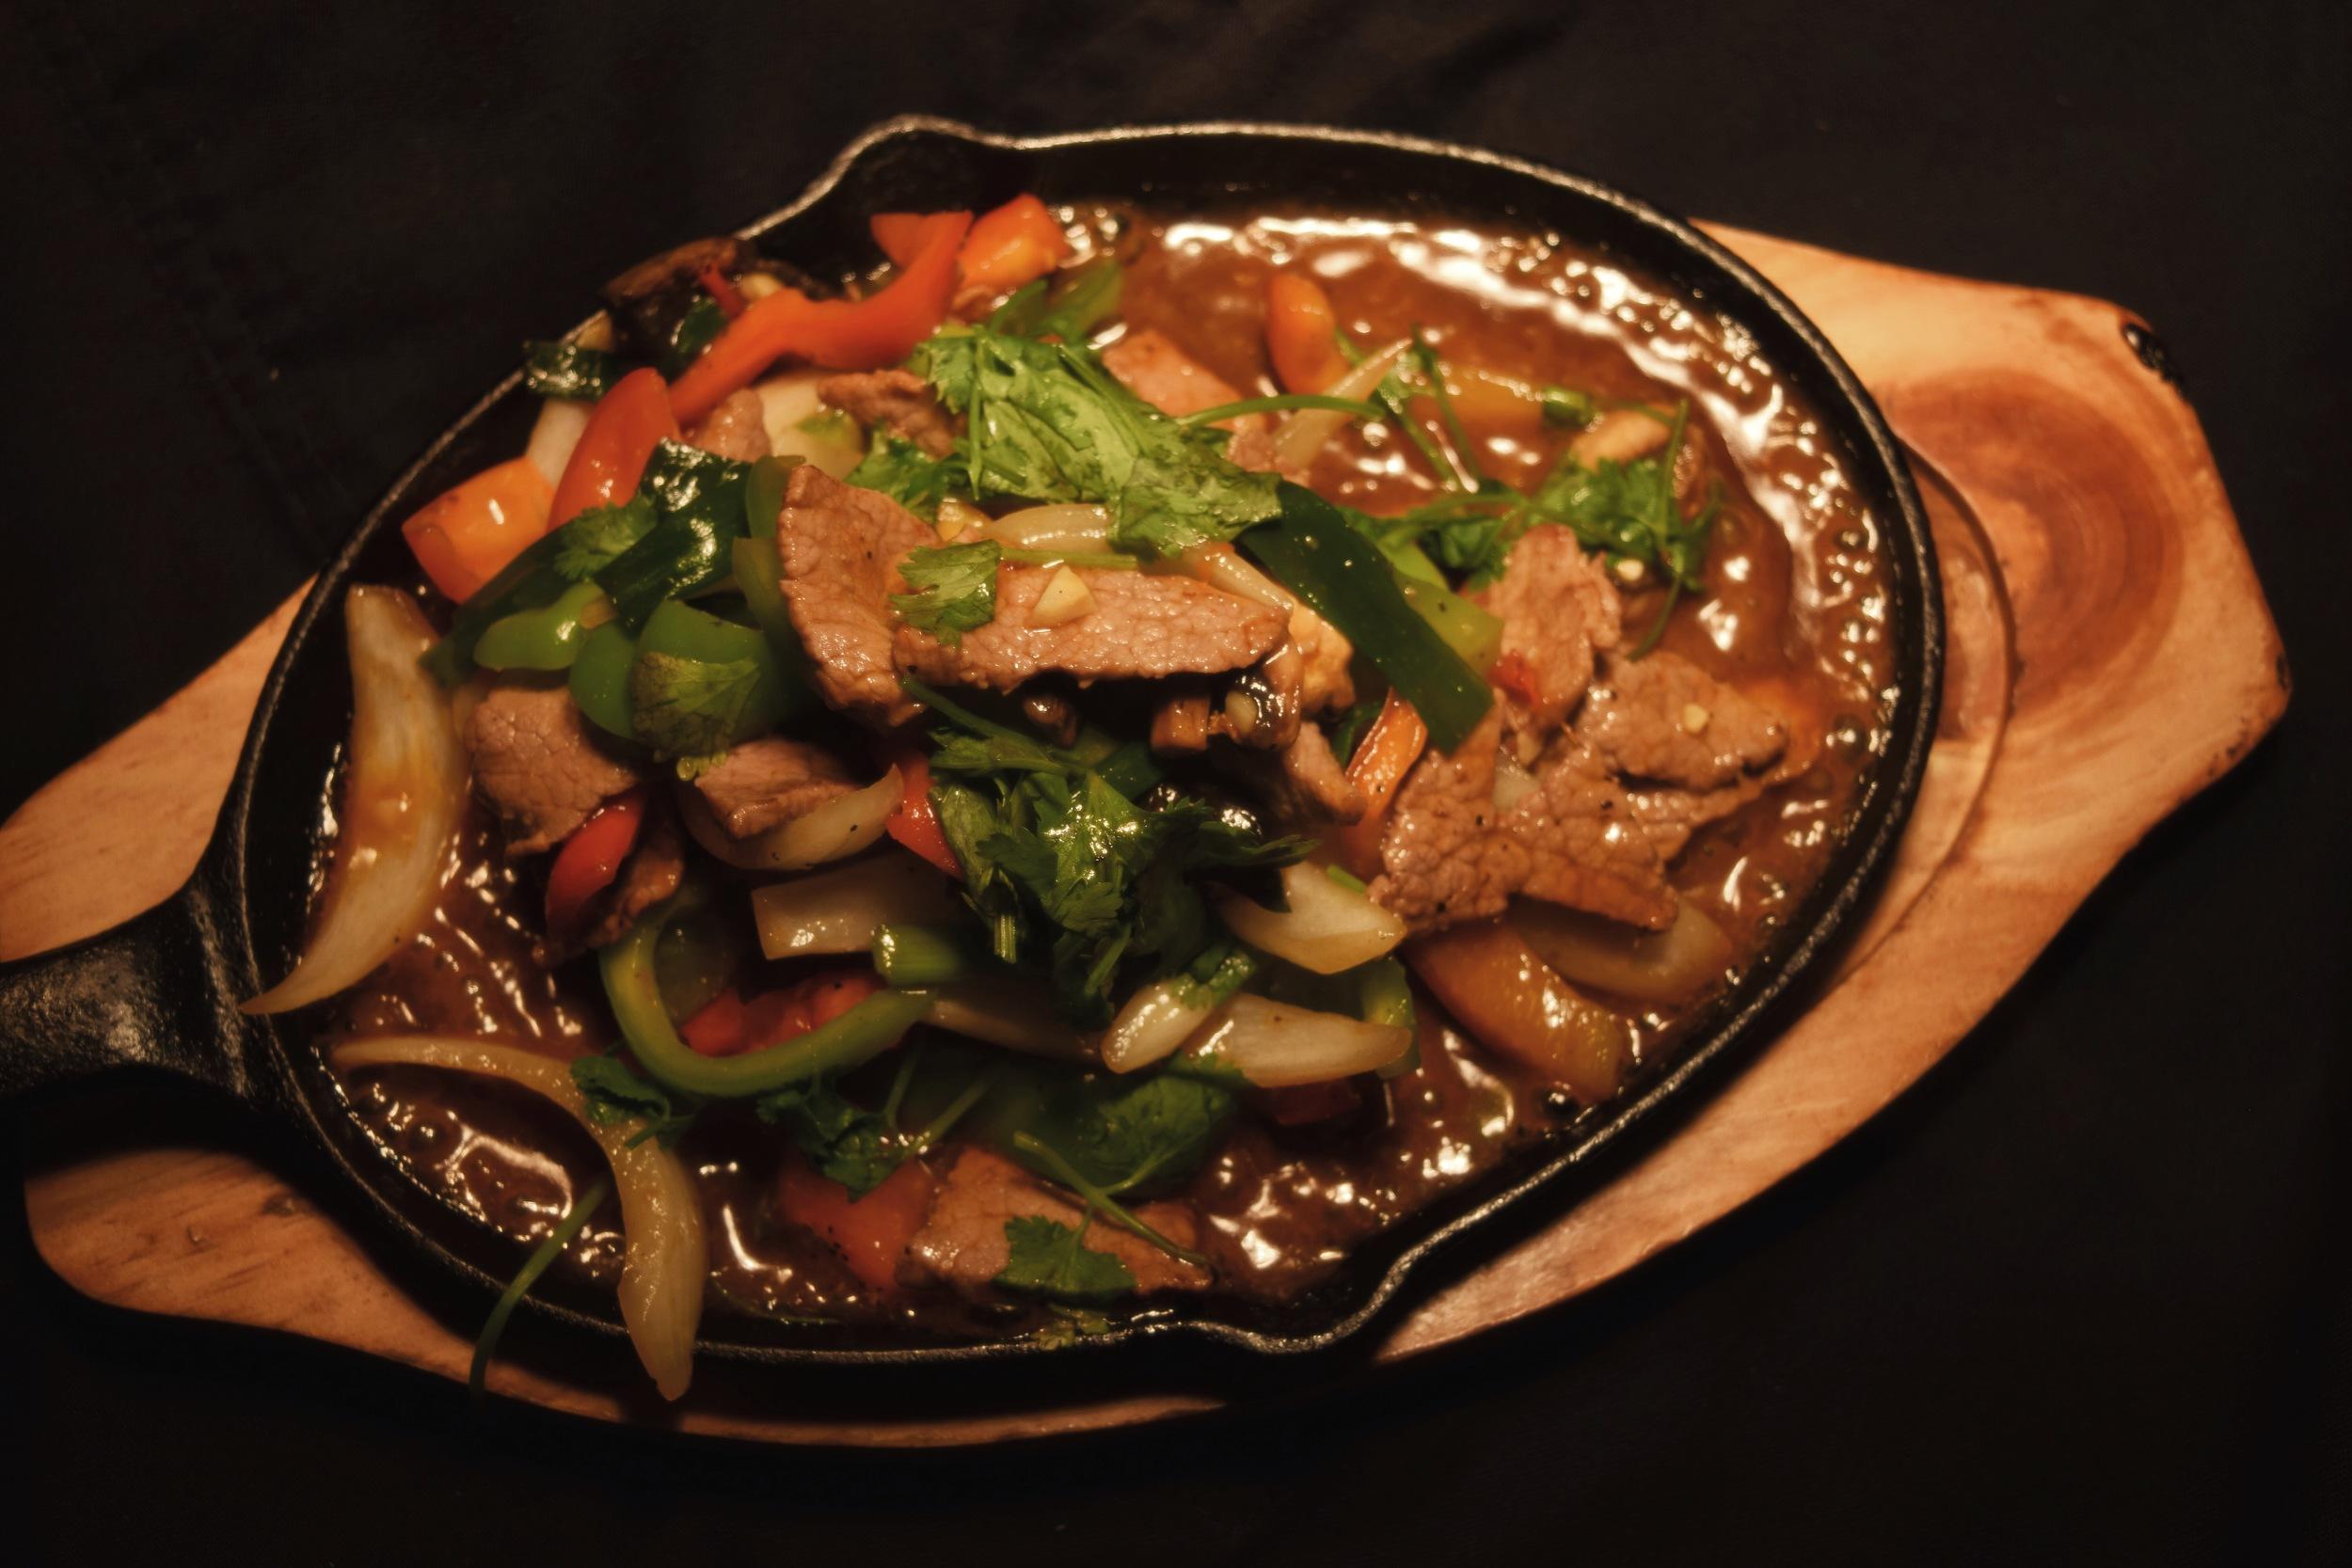 E014 Thai Beef Hot Plate